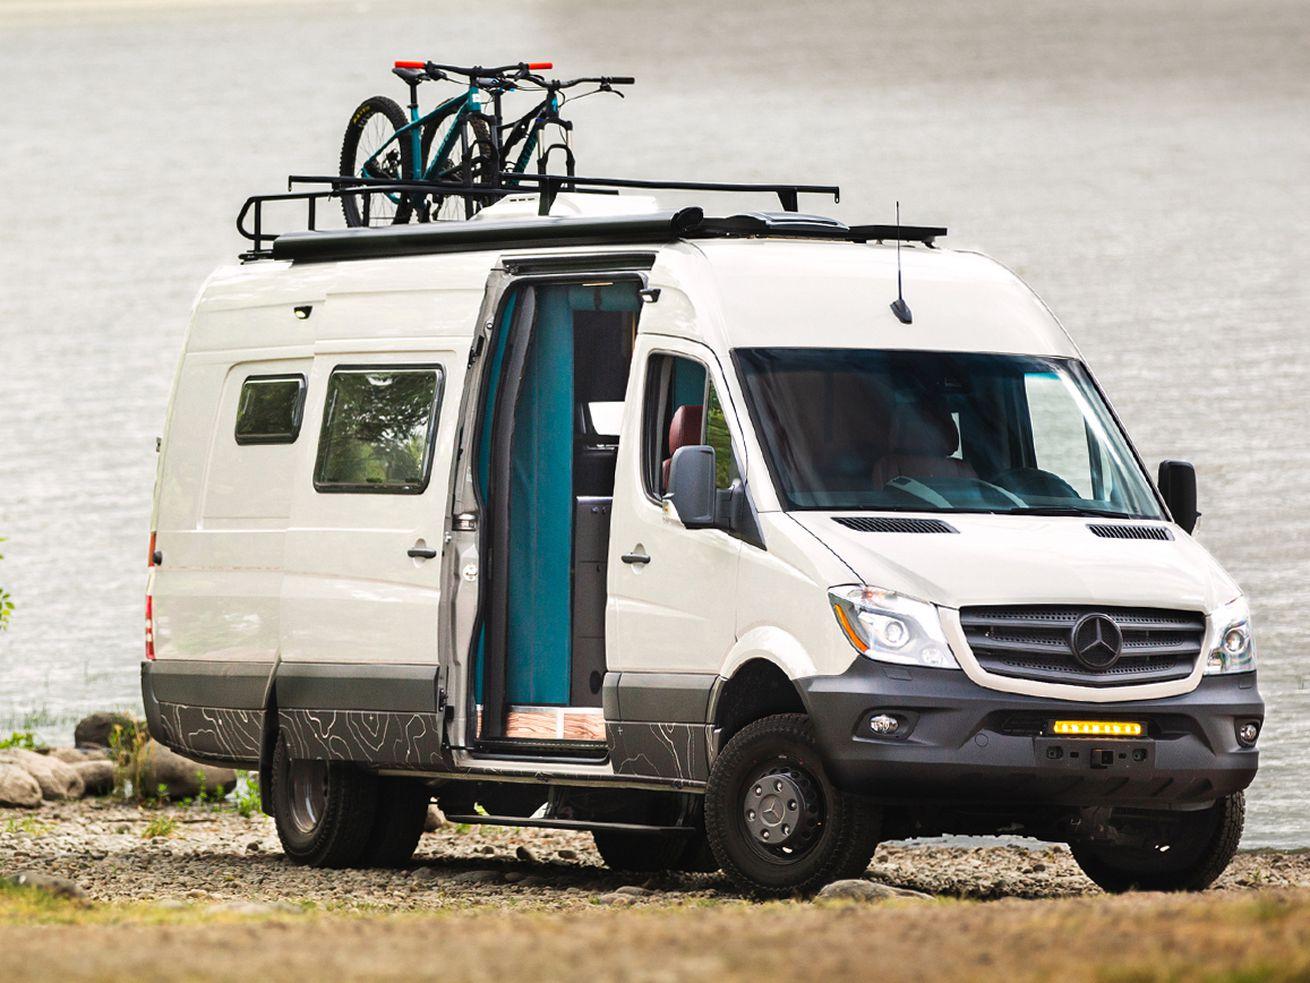 Dappercampervan combines luxury with adventure